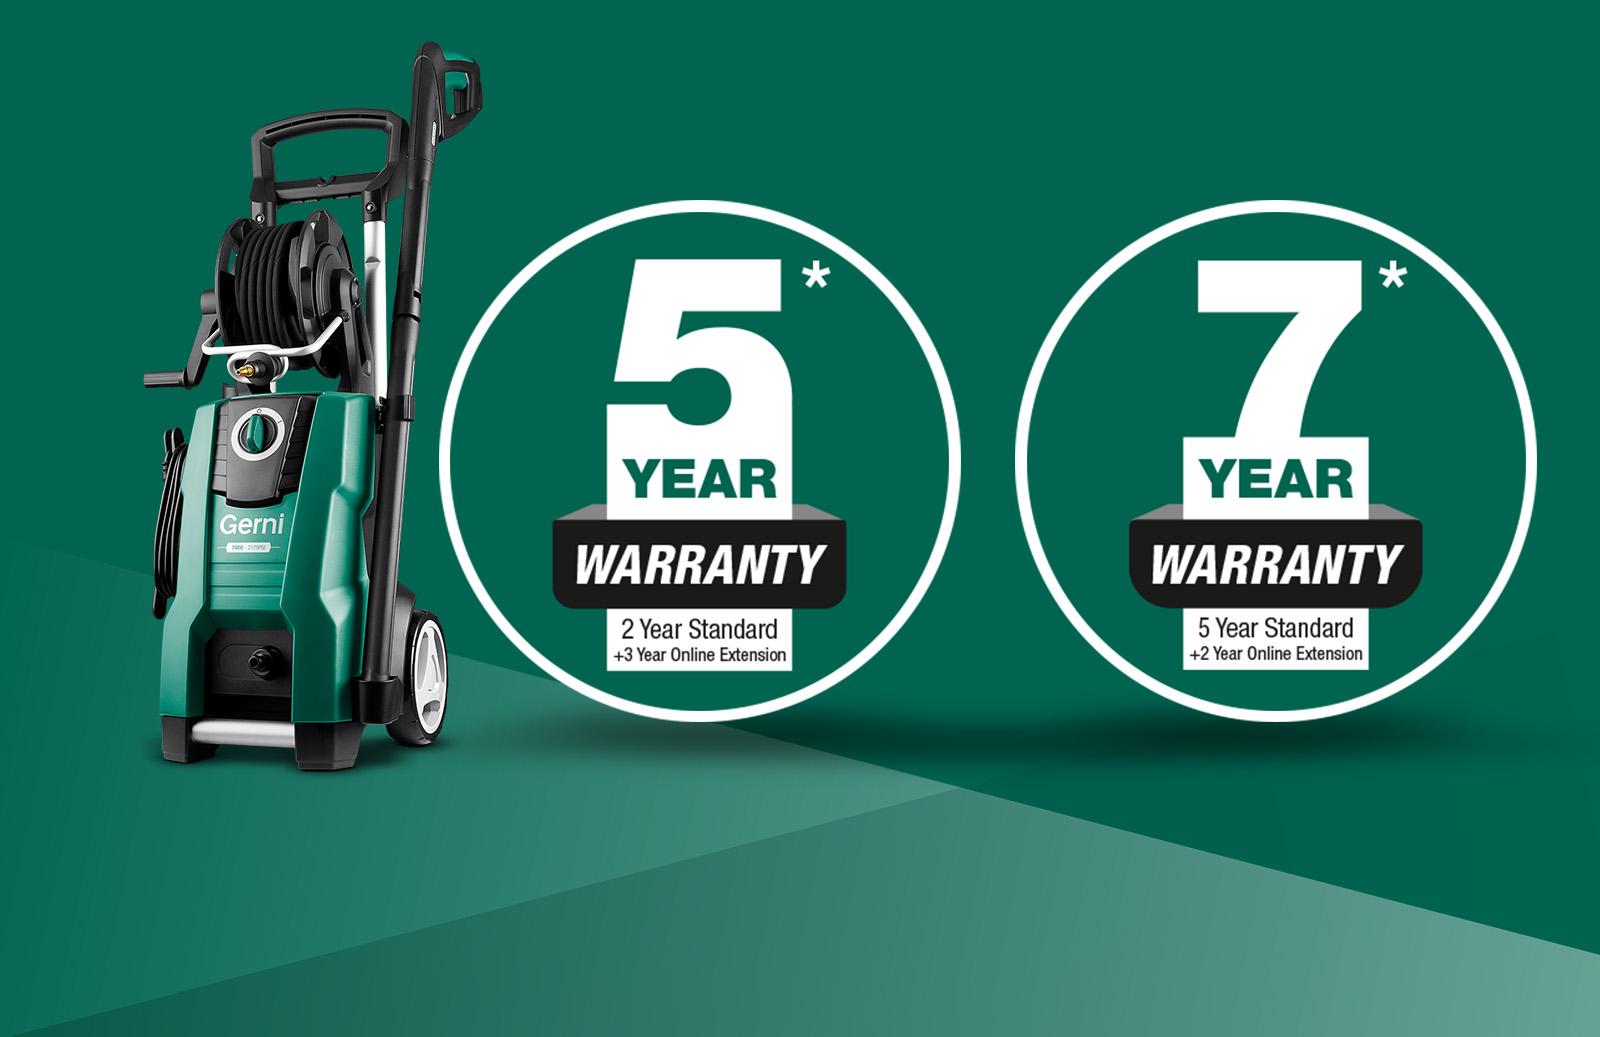 Register Gerni - Warranty Image - Landscape - Ed7